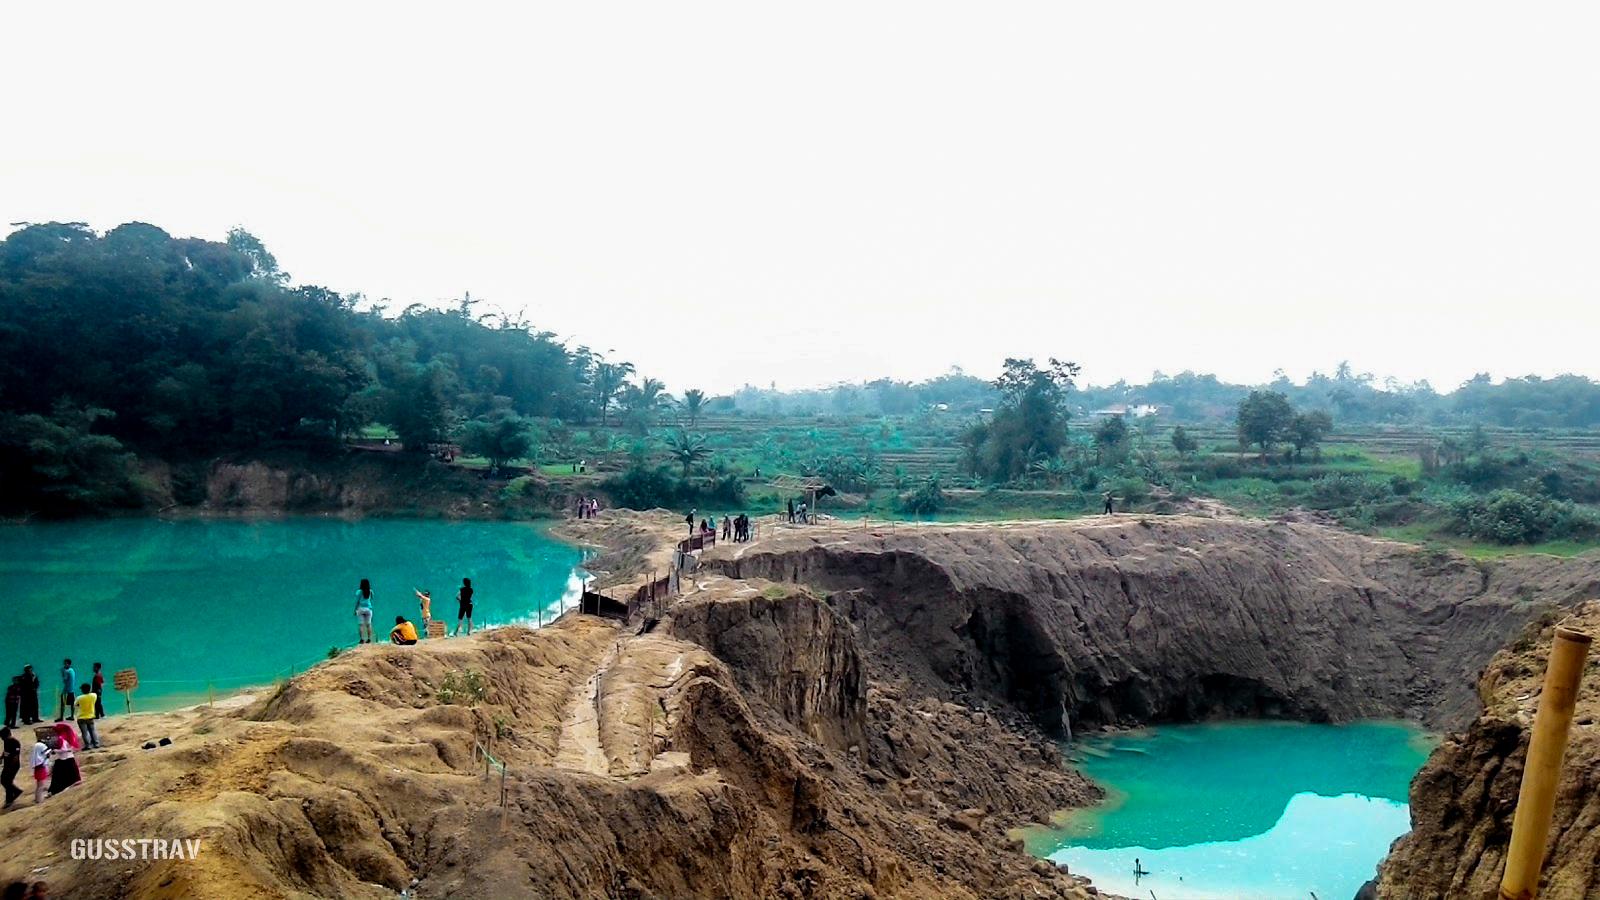 Wisata Telaga Biru Cisoka Banten